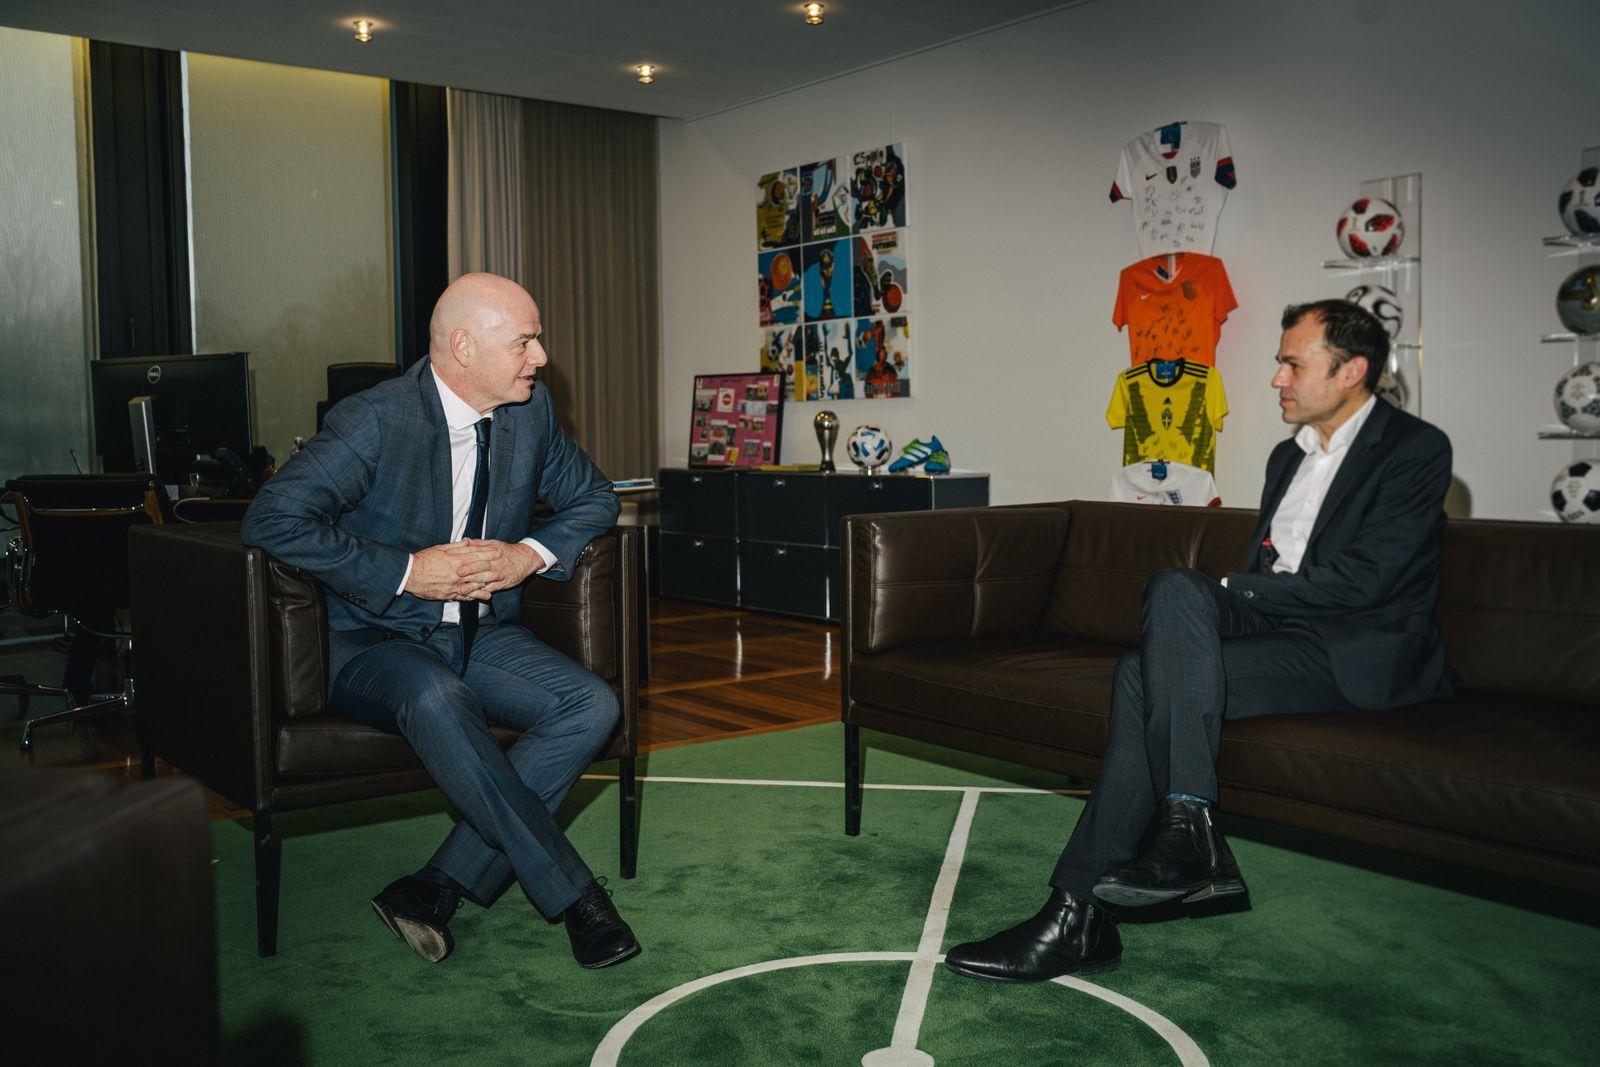 Giovanni Vincenzo Infantino, schweizerisch-italienischer Fussballfunktionär und Jurist, Präsident des Weltfussballverbandes FIFA, fotografiert am Sitz der FIFA in Zürich, Schweiz, hier mit Autor Marc Hujer